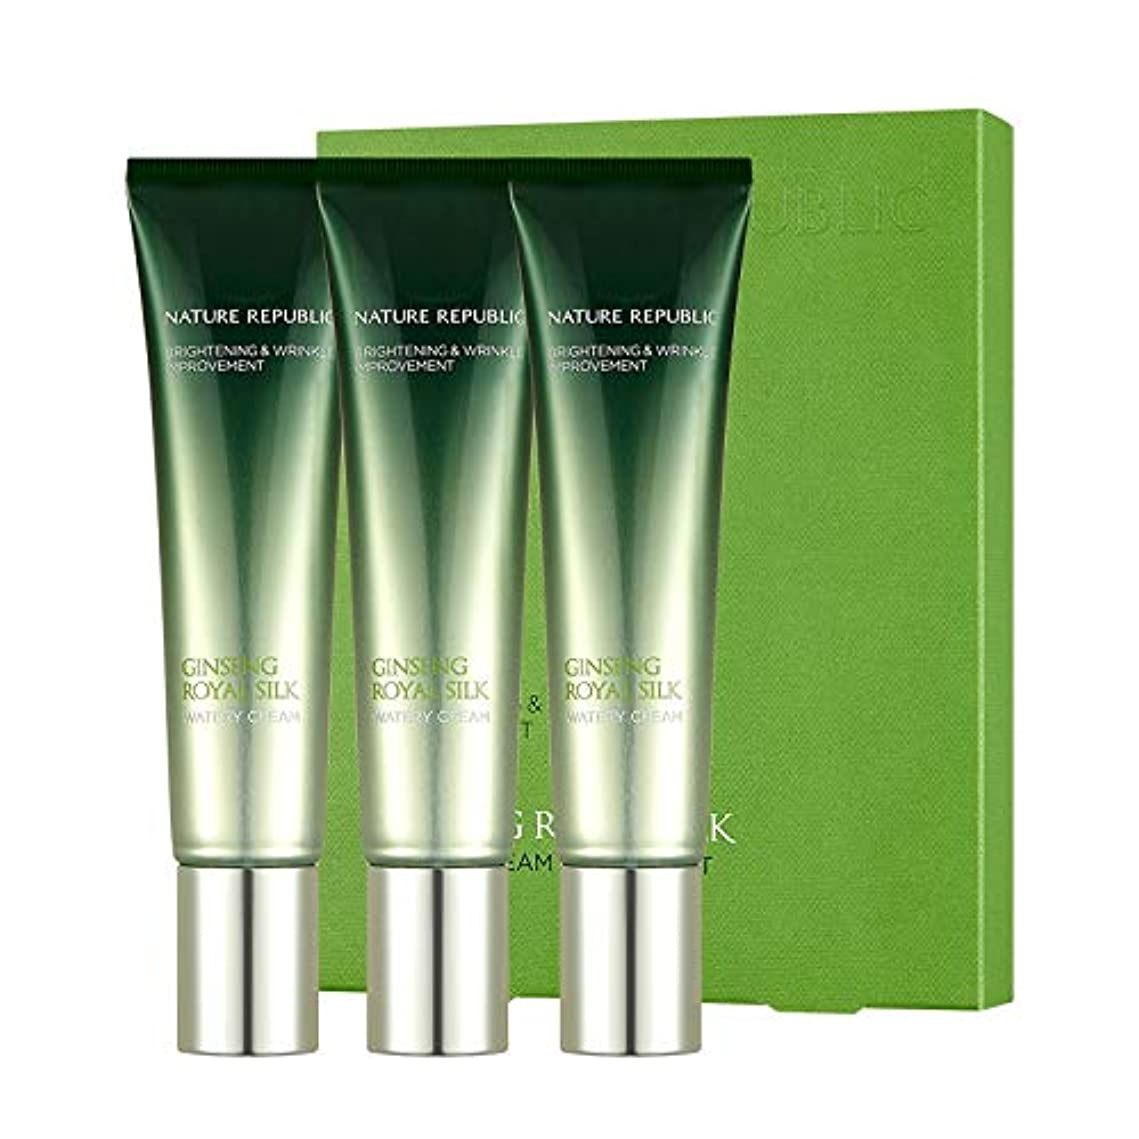 分布マーケティング新しい意味ネイチャーリパブリック(Nature Republic)ジンセンロイヤルシルクウォーターリークリーム(30mlX3) / Ginseng Royal Silk Watery Cream (30mlX3) :: 韓国コスメ...